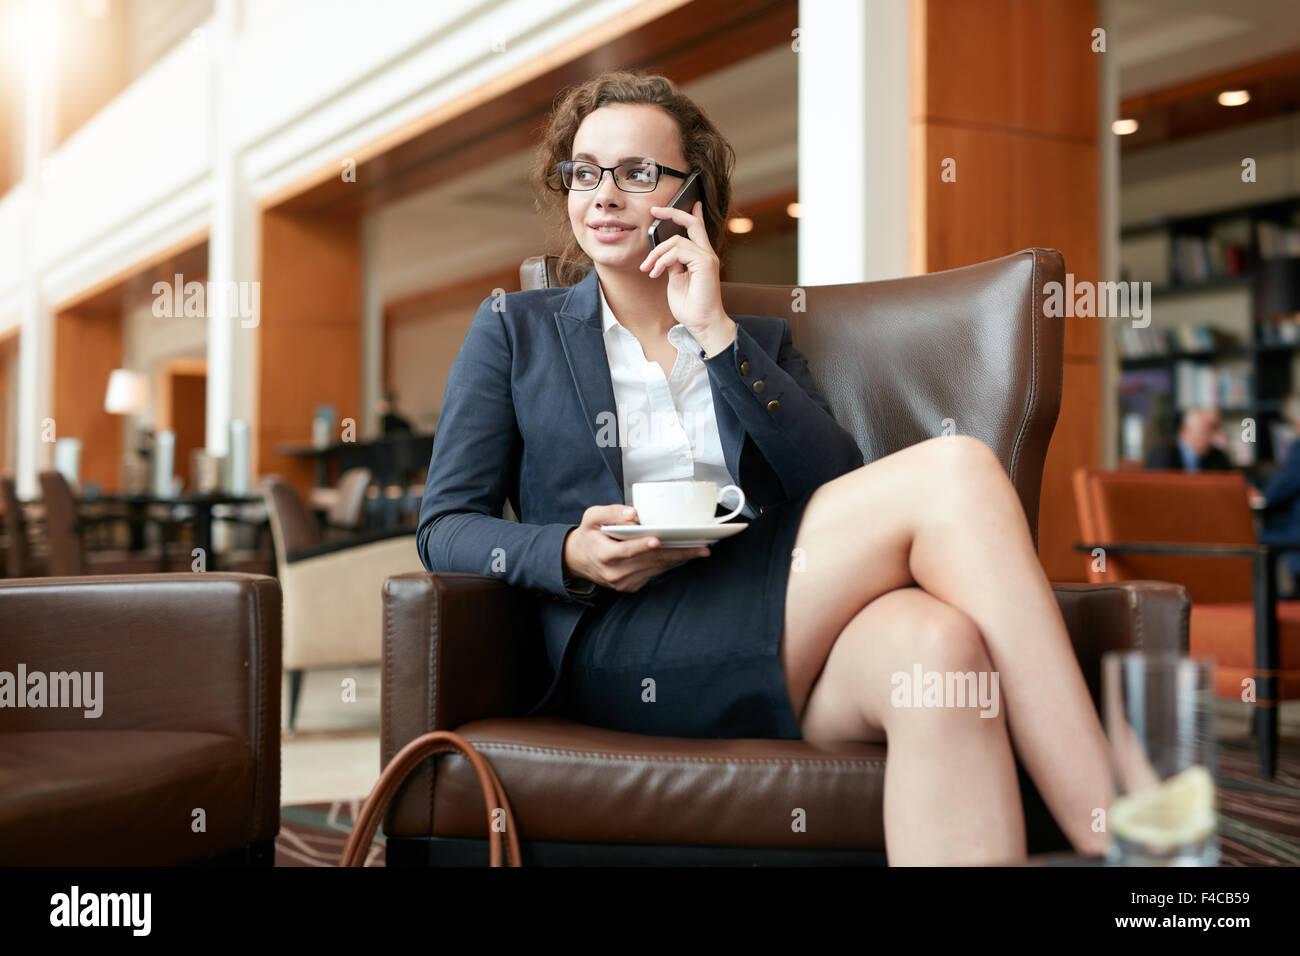 Ritratto di felice giovane imprenditrice seduta in cafe parlando al telefono cellulare. Executive femmina con tazza Immagini Stock